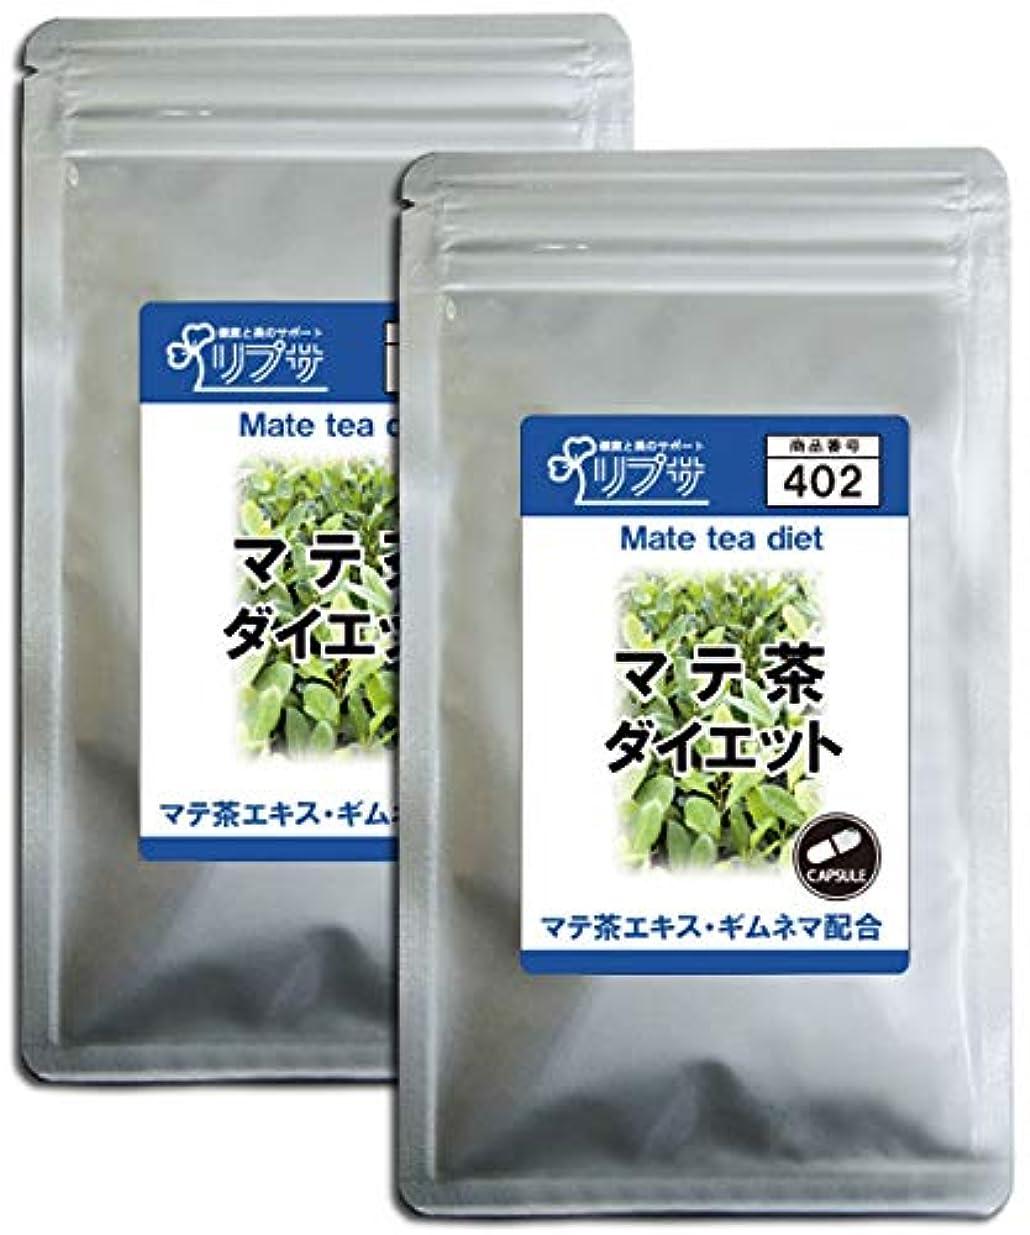 考え排気効能マテ茶ダイエット 約3か月分×2袋 C-402-2